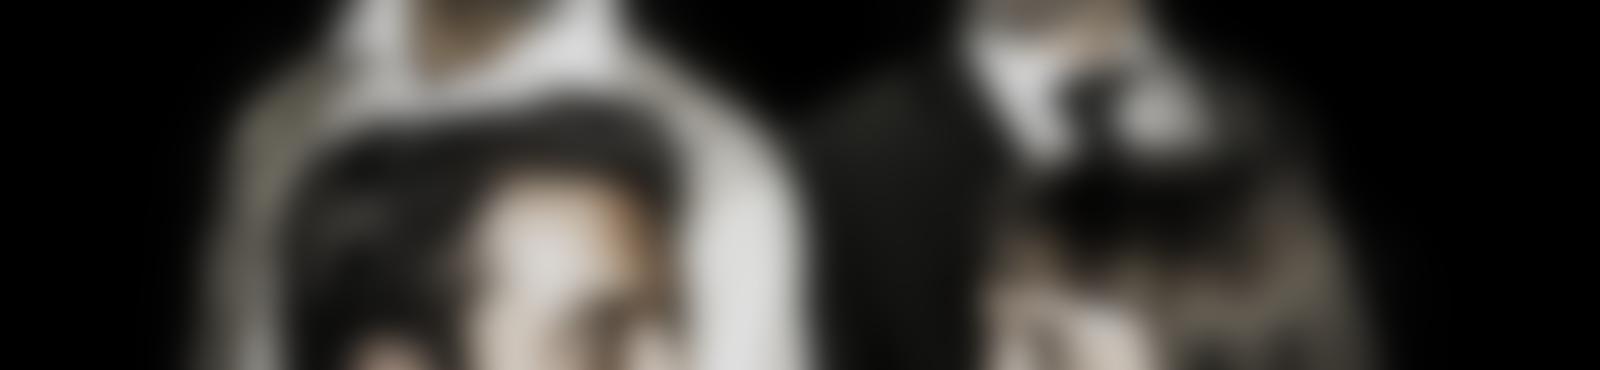 Blurred 51d405c2 a9f8 4b38 8999 ce924c5f4f83